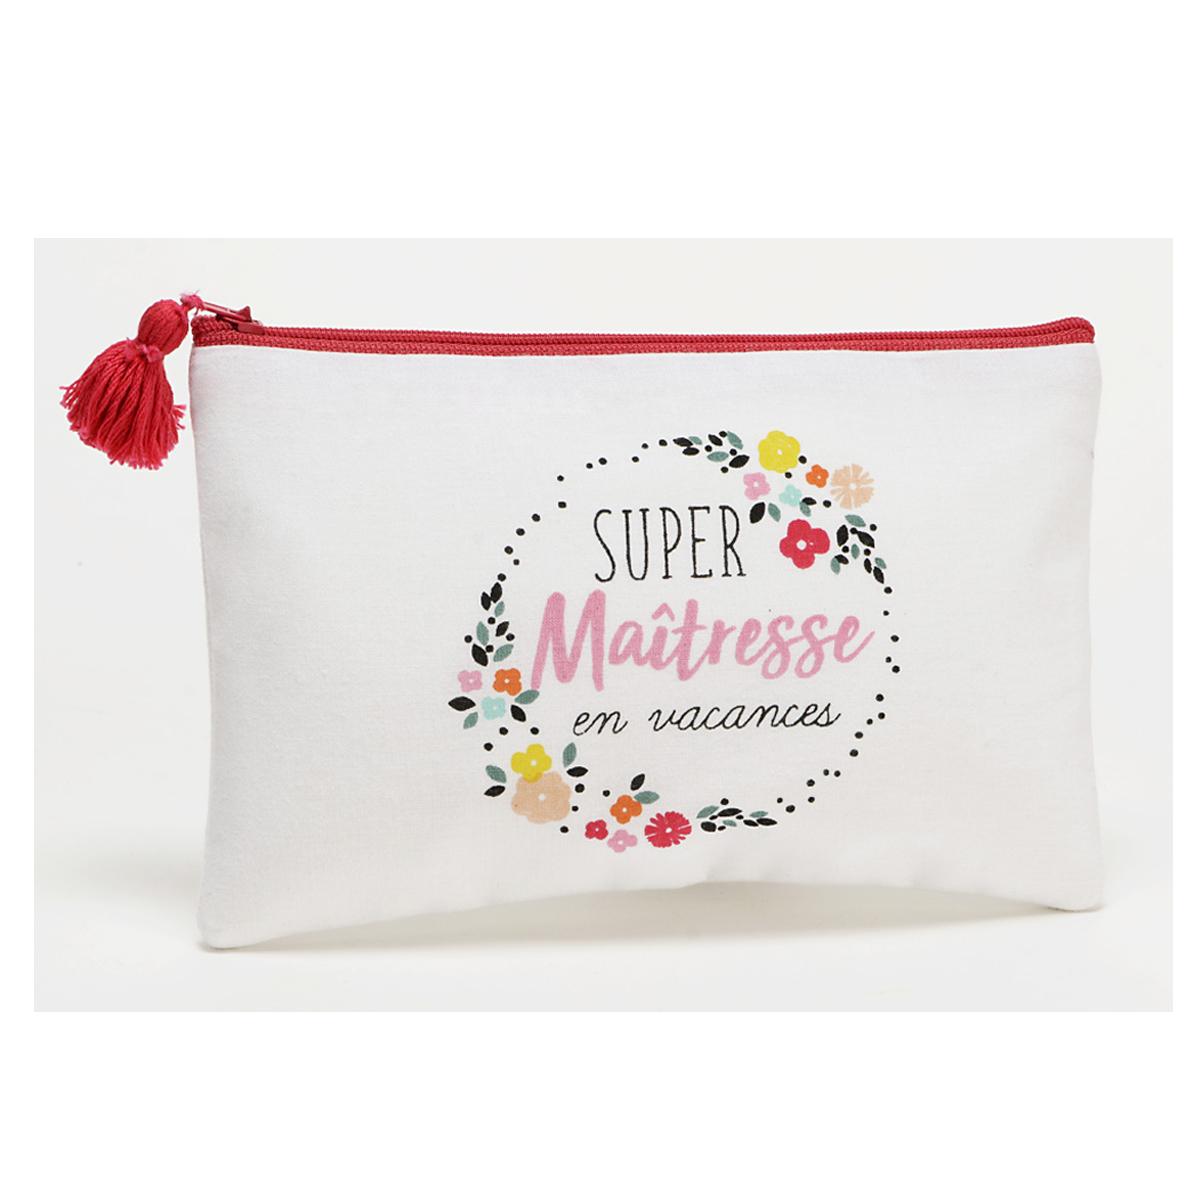 Trousse plate coton \'Maîtresse\' blanc multicolore (Super Maîtresse en vacances) - 20x12 cm - [Q9589]